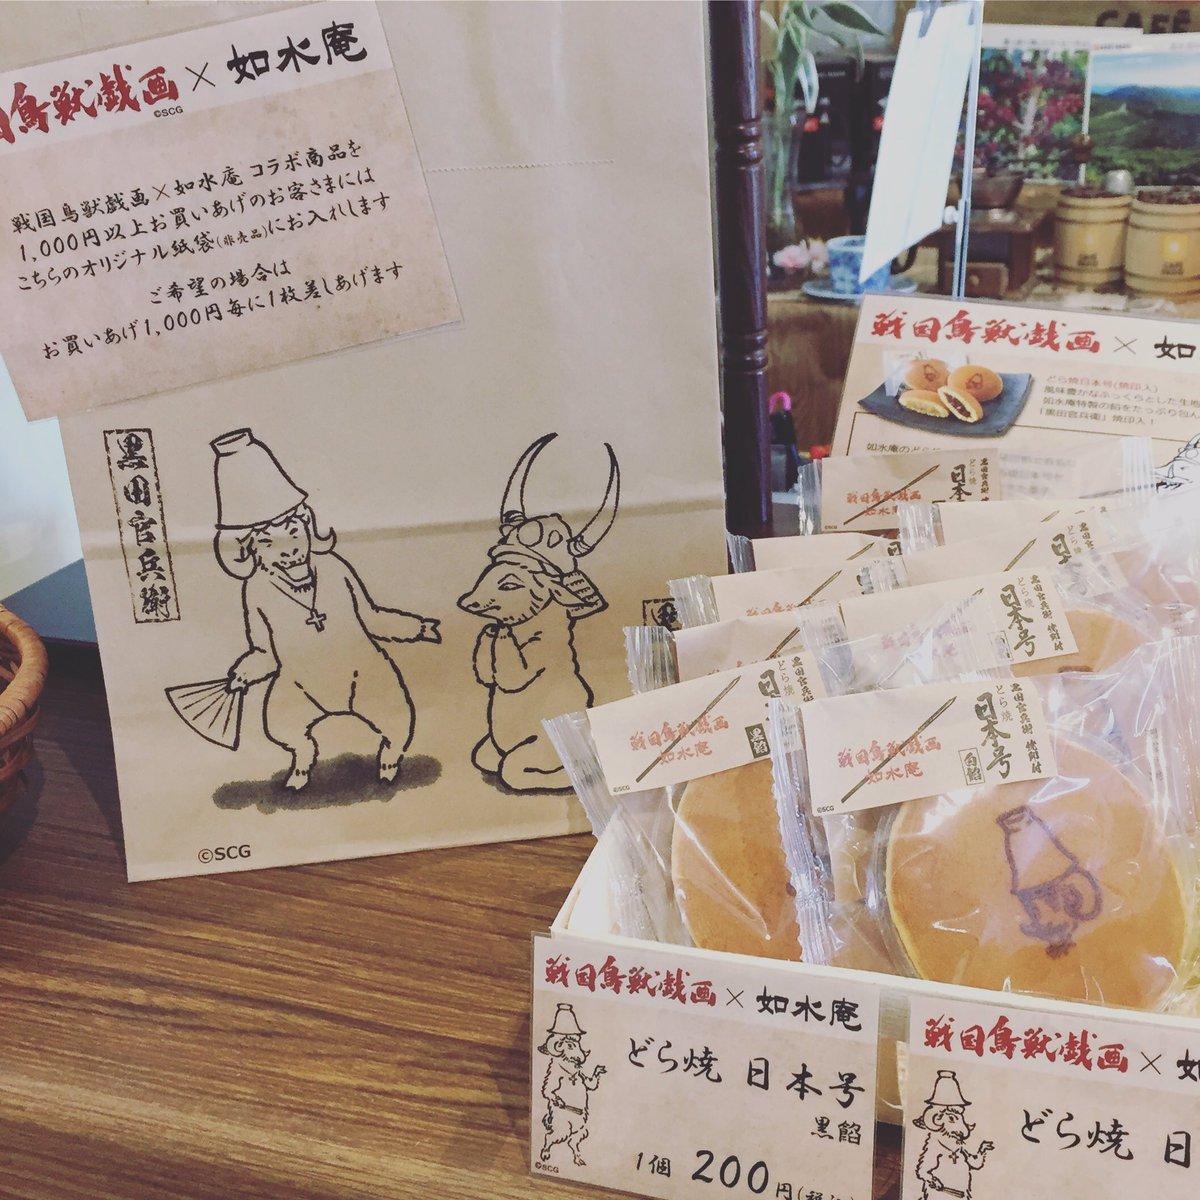 戦国鳥獣戯画×如水庵コラボの「どら焼日本号(焼印入)」、本日5/2から博物館2階喫茶室で販売はじめました!ぜひご賞味くだ